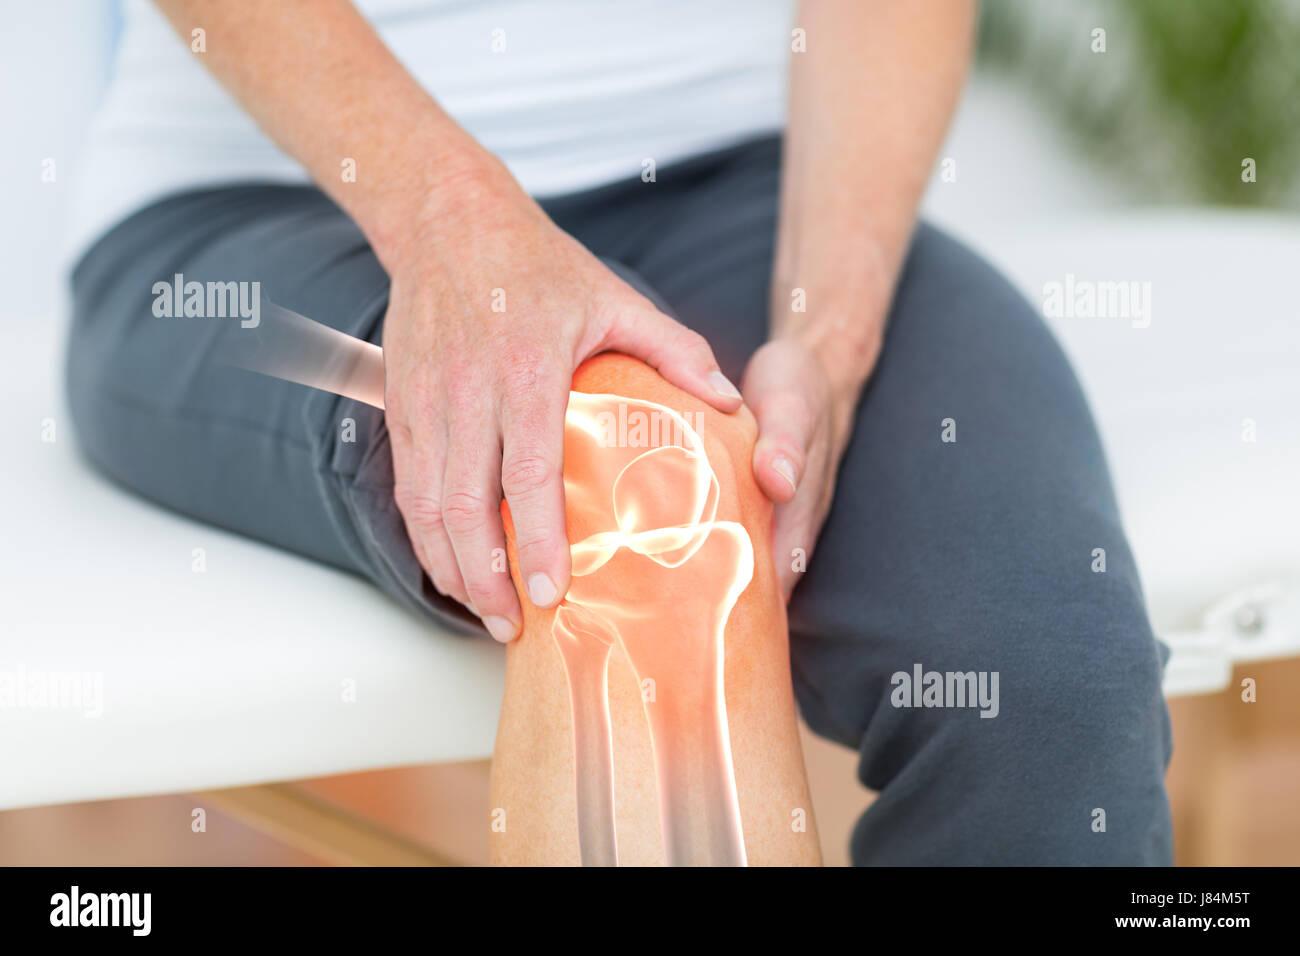 Digital zusammengesetztes Bild des Menschen leiden mit Knie-Krampf Stockbild